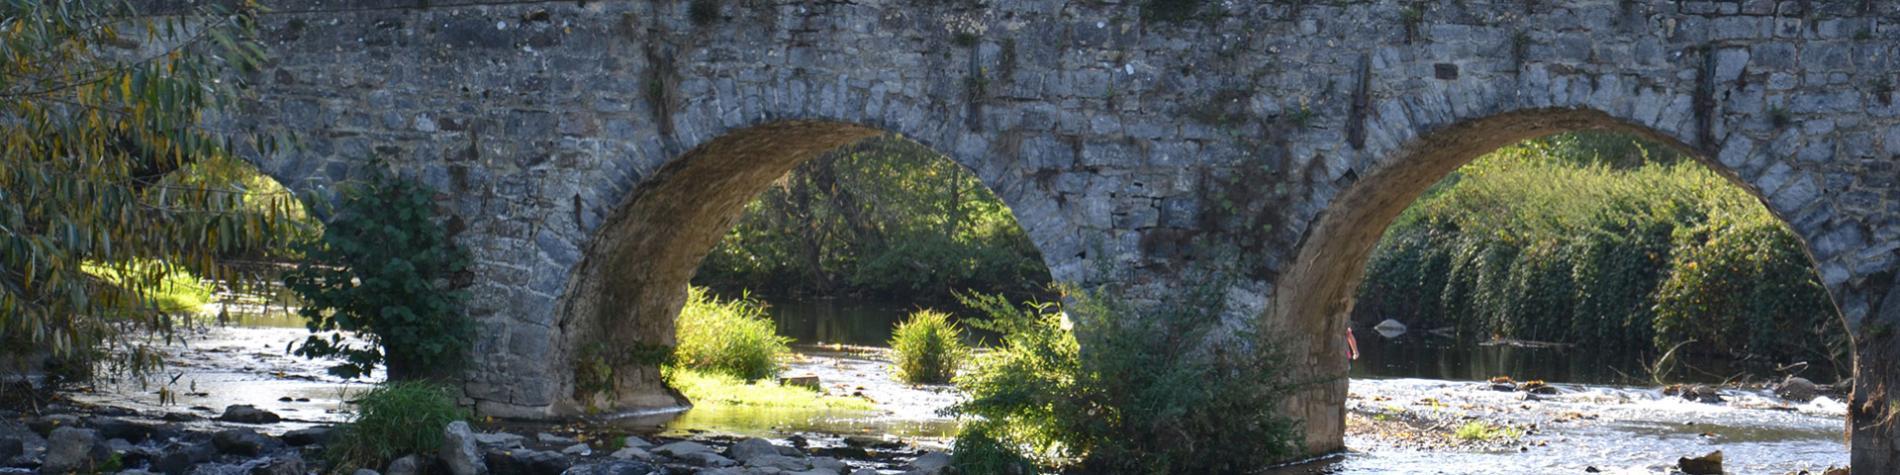 Les Murmures du Viroin - Gîte rural - Treignes - pont de Treignes - jardin